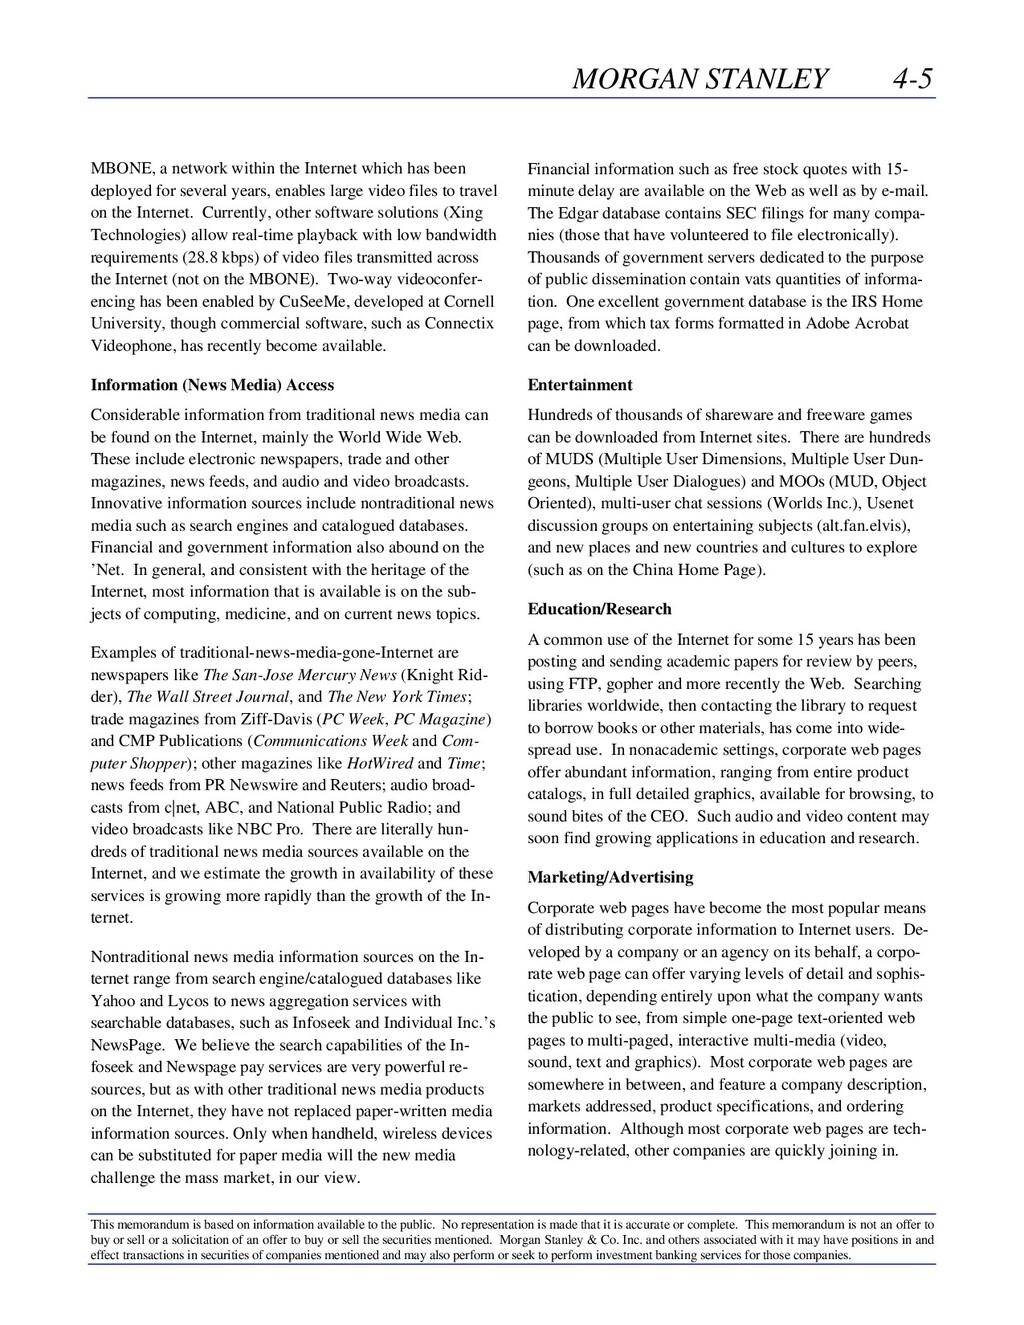 MORGAN STANLEY 4-5 This memorandum is based on ...